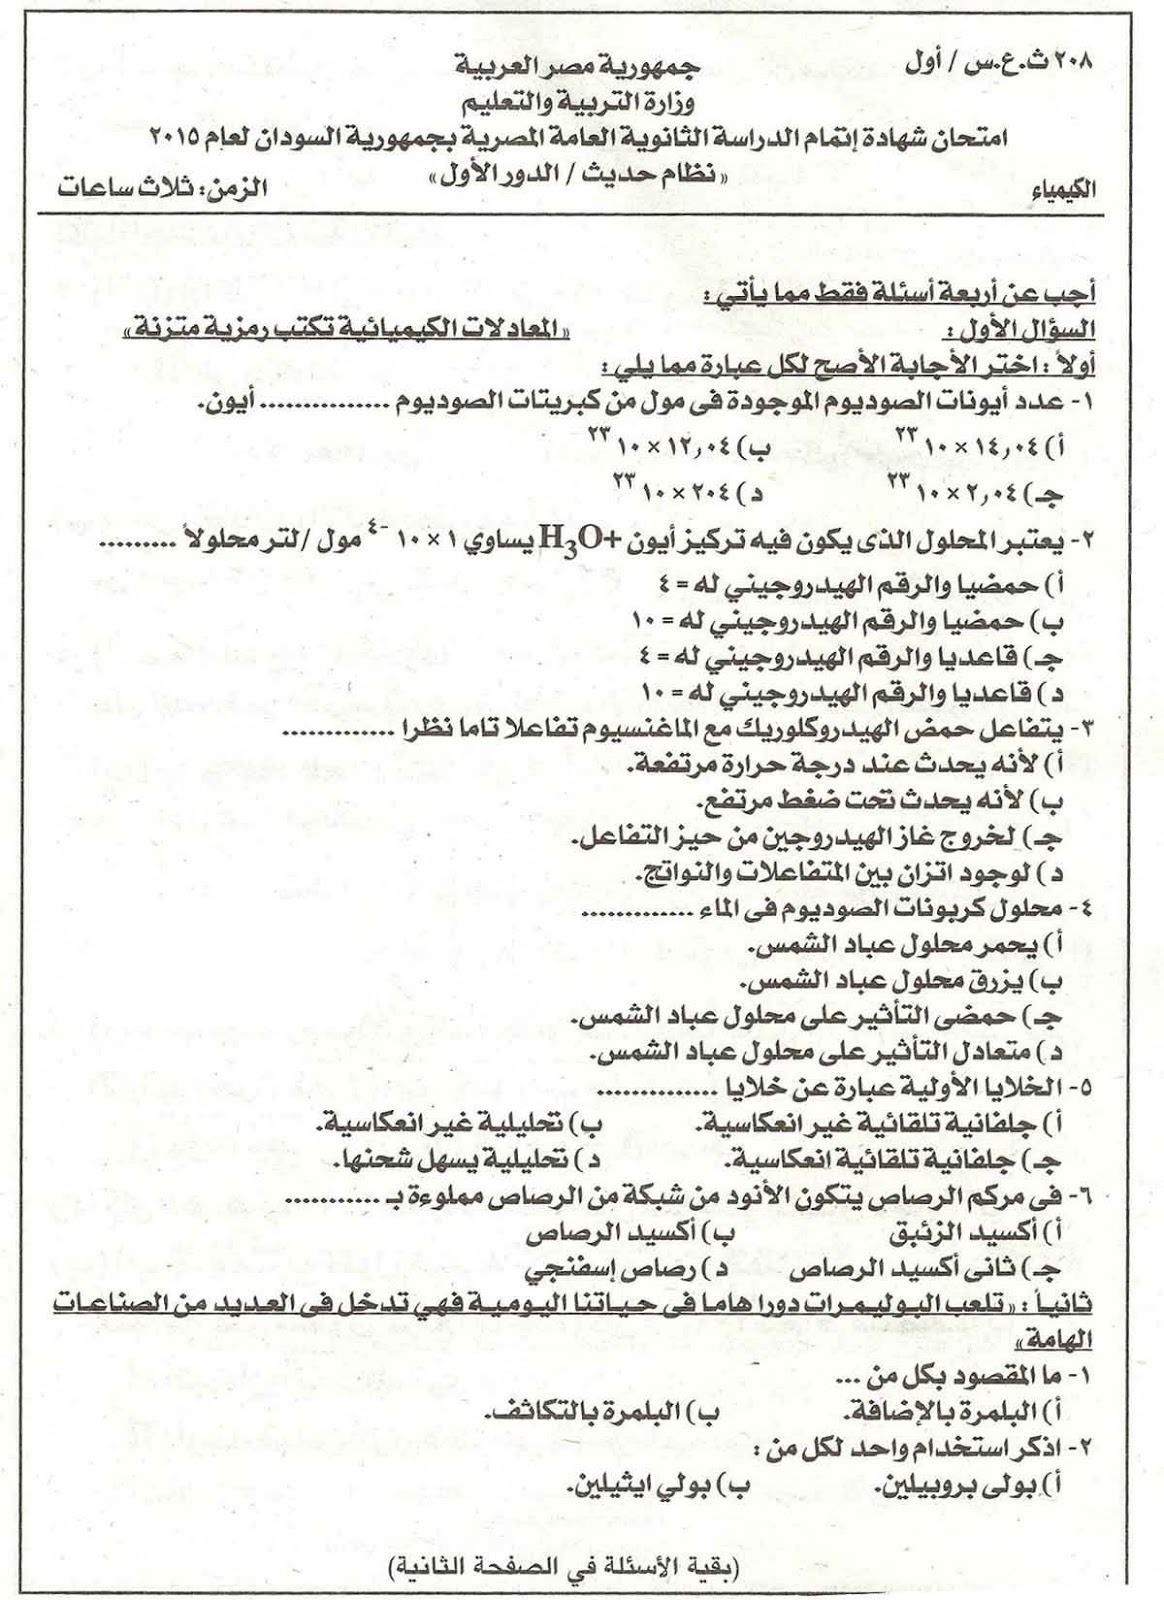 إجابة وإمتحان السودان في الكيمياء كاملا بصورة واضحة عام 2015